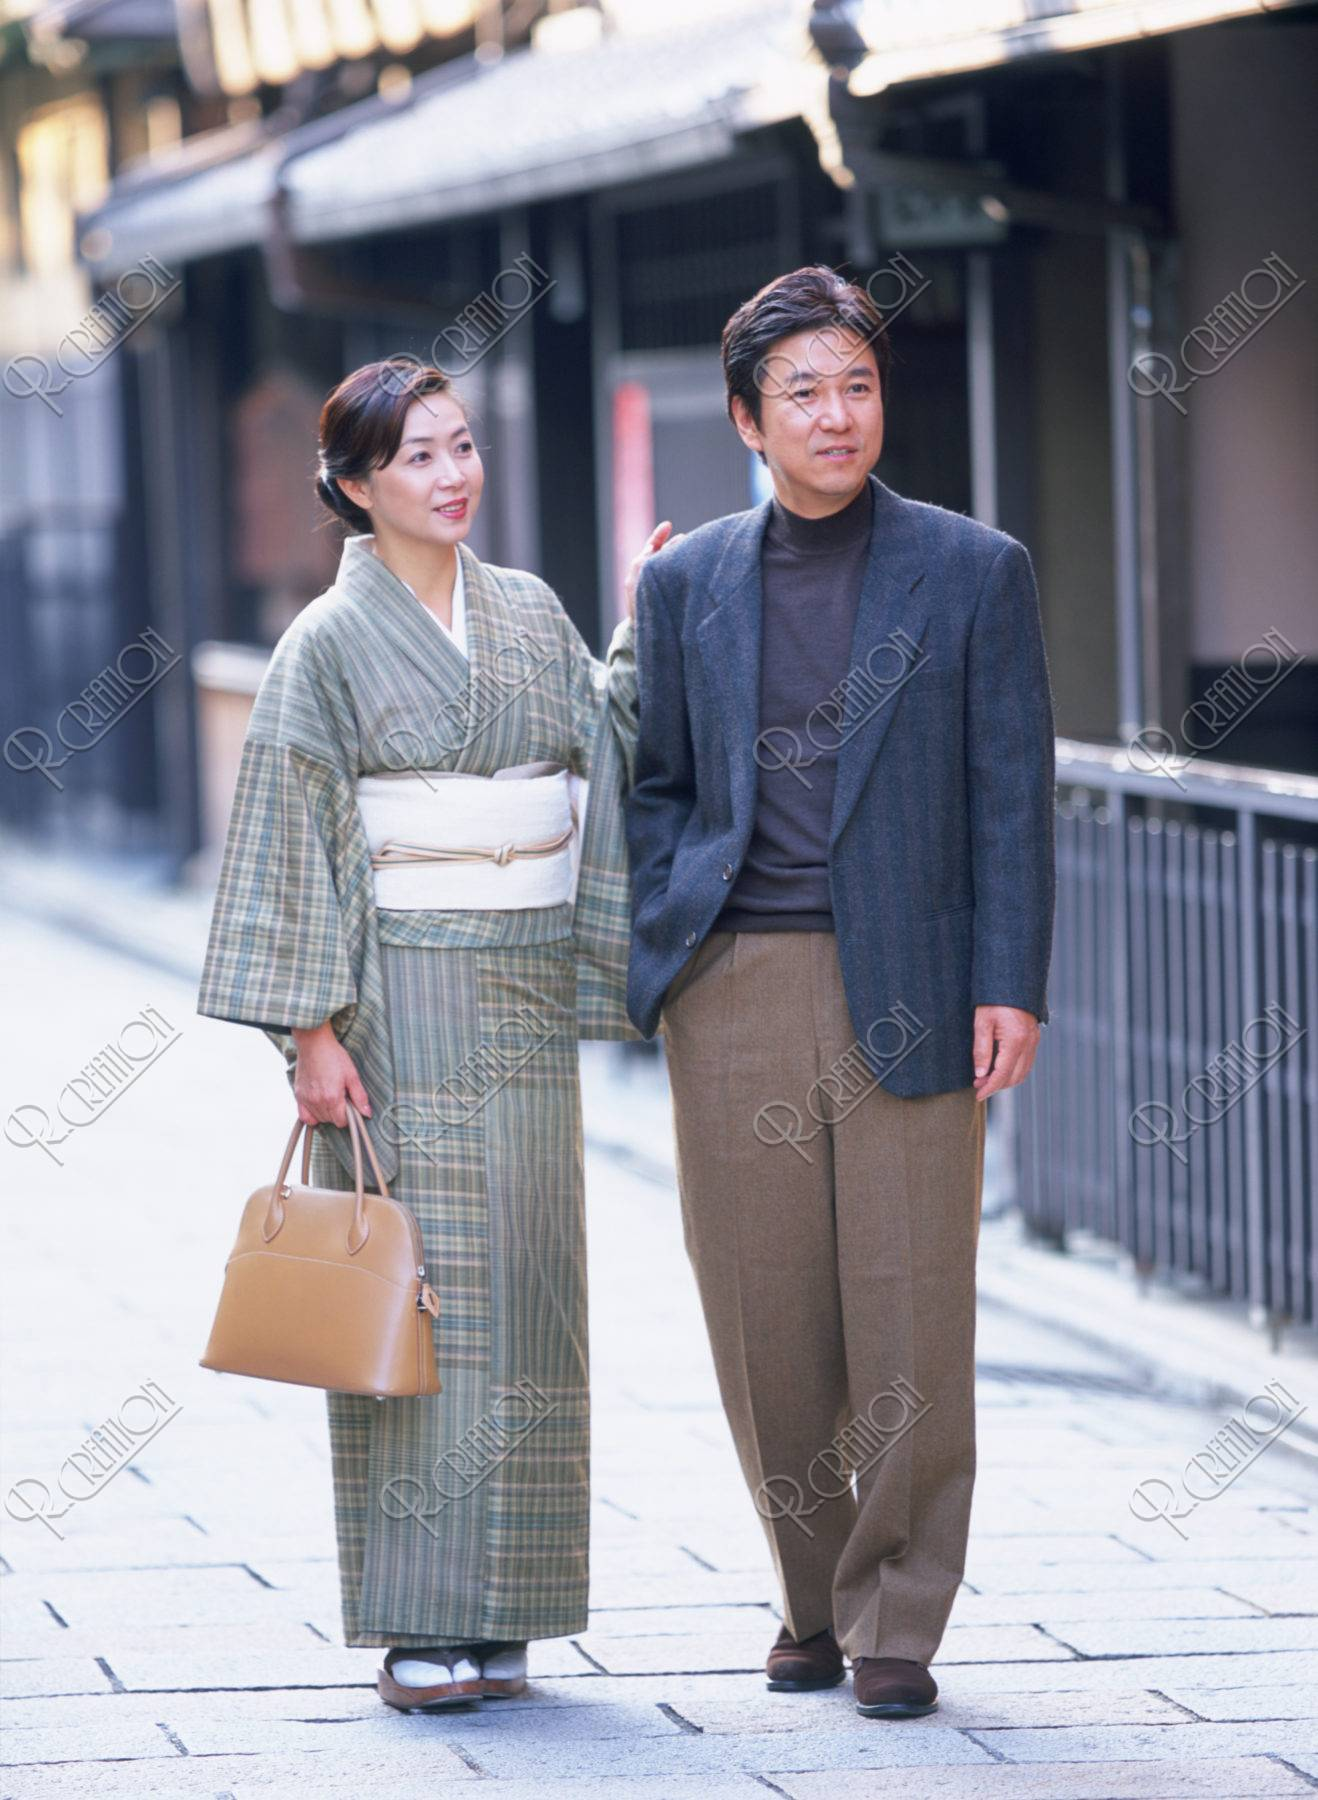 祇園を歩く 和服の40代 夫婦